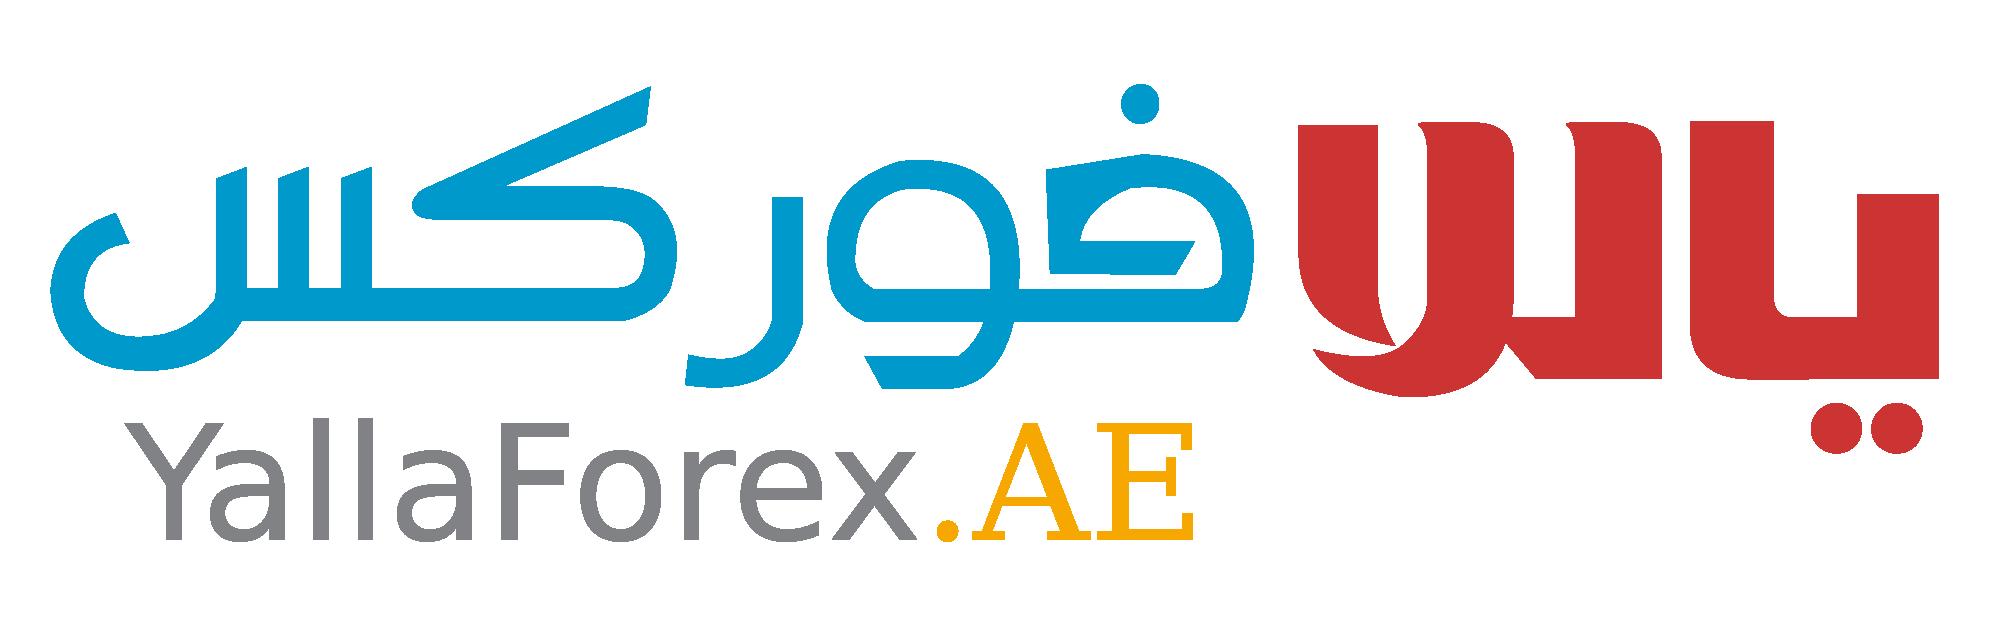 yallaforex.ae